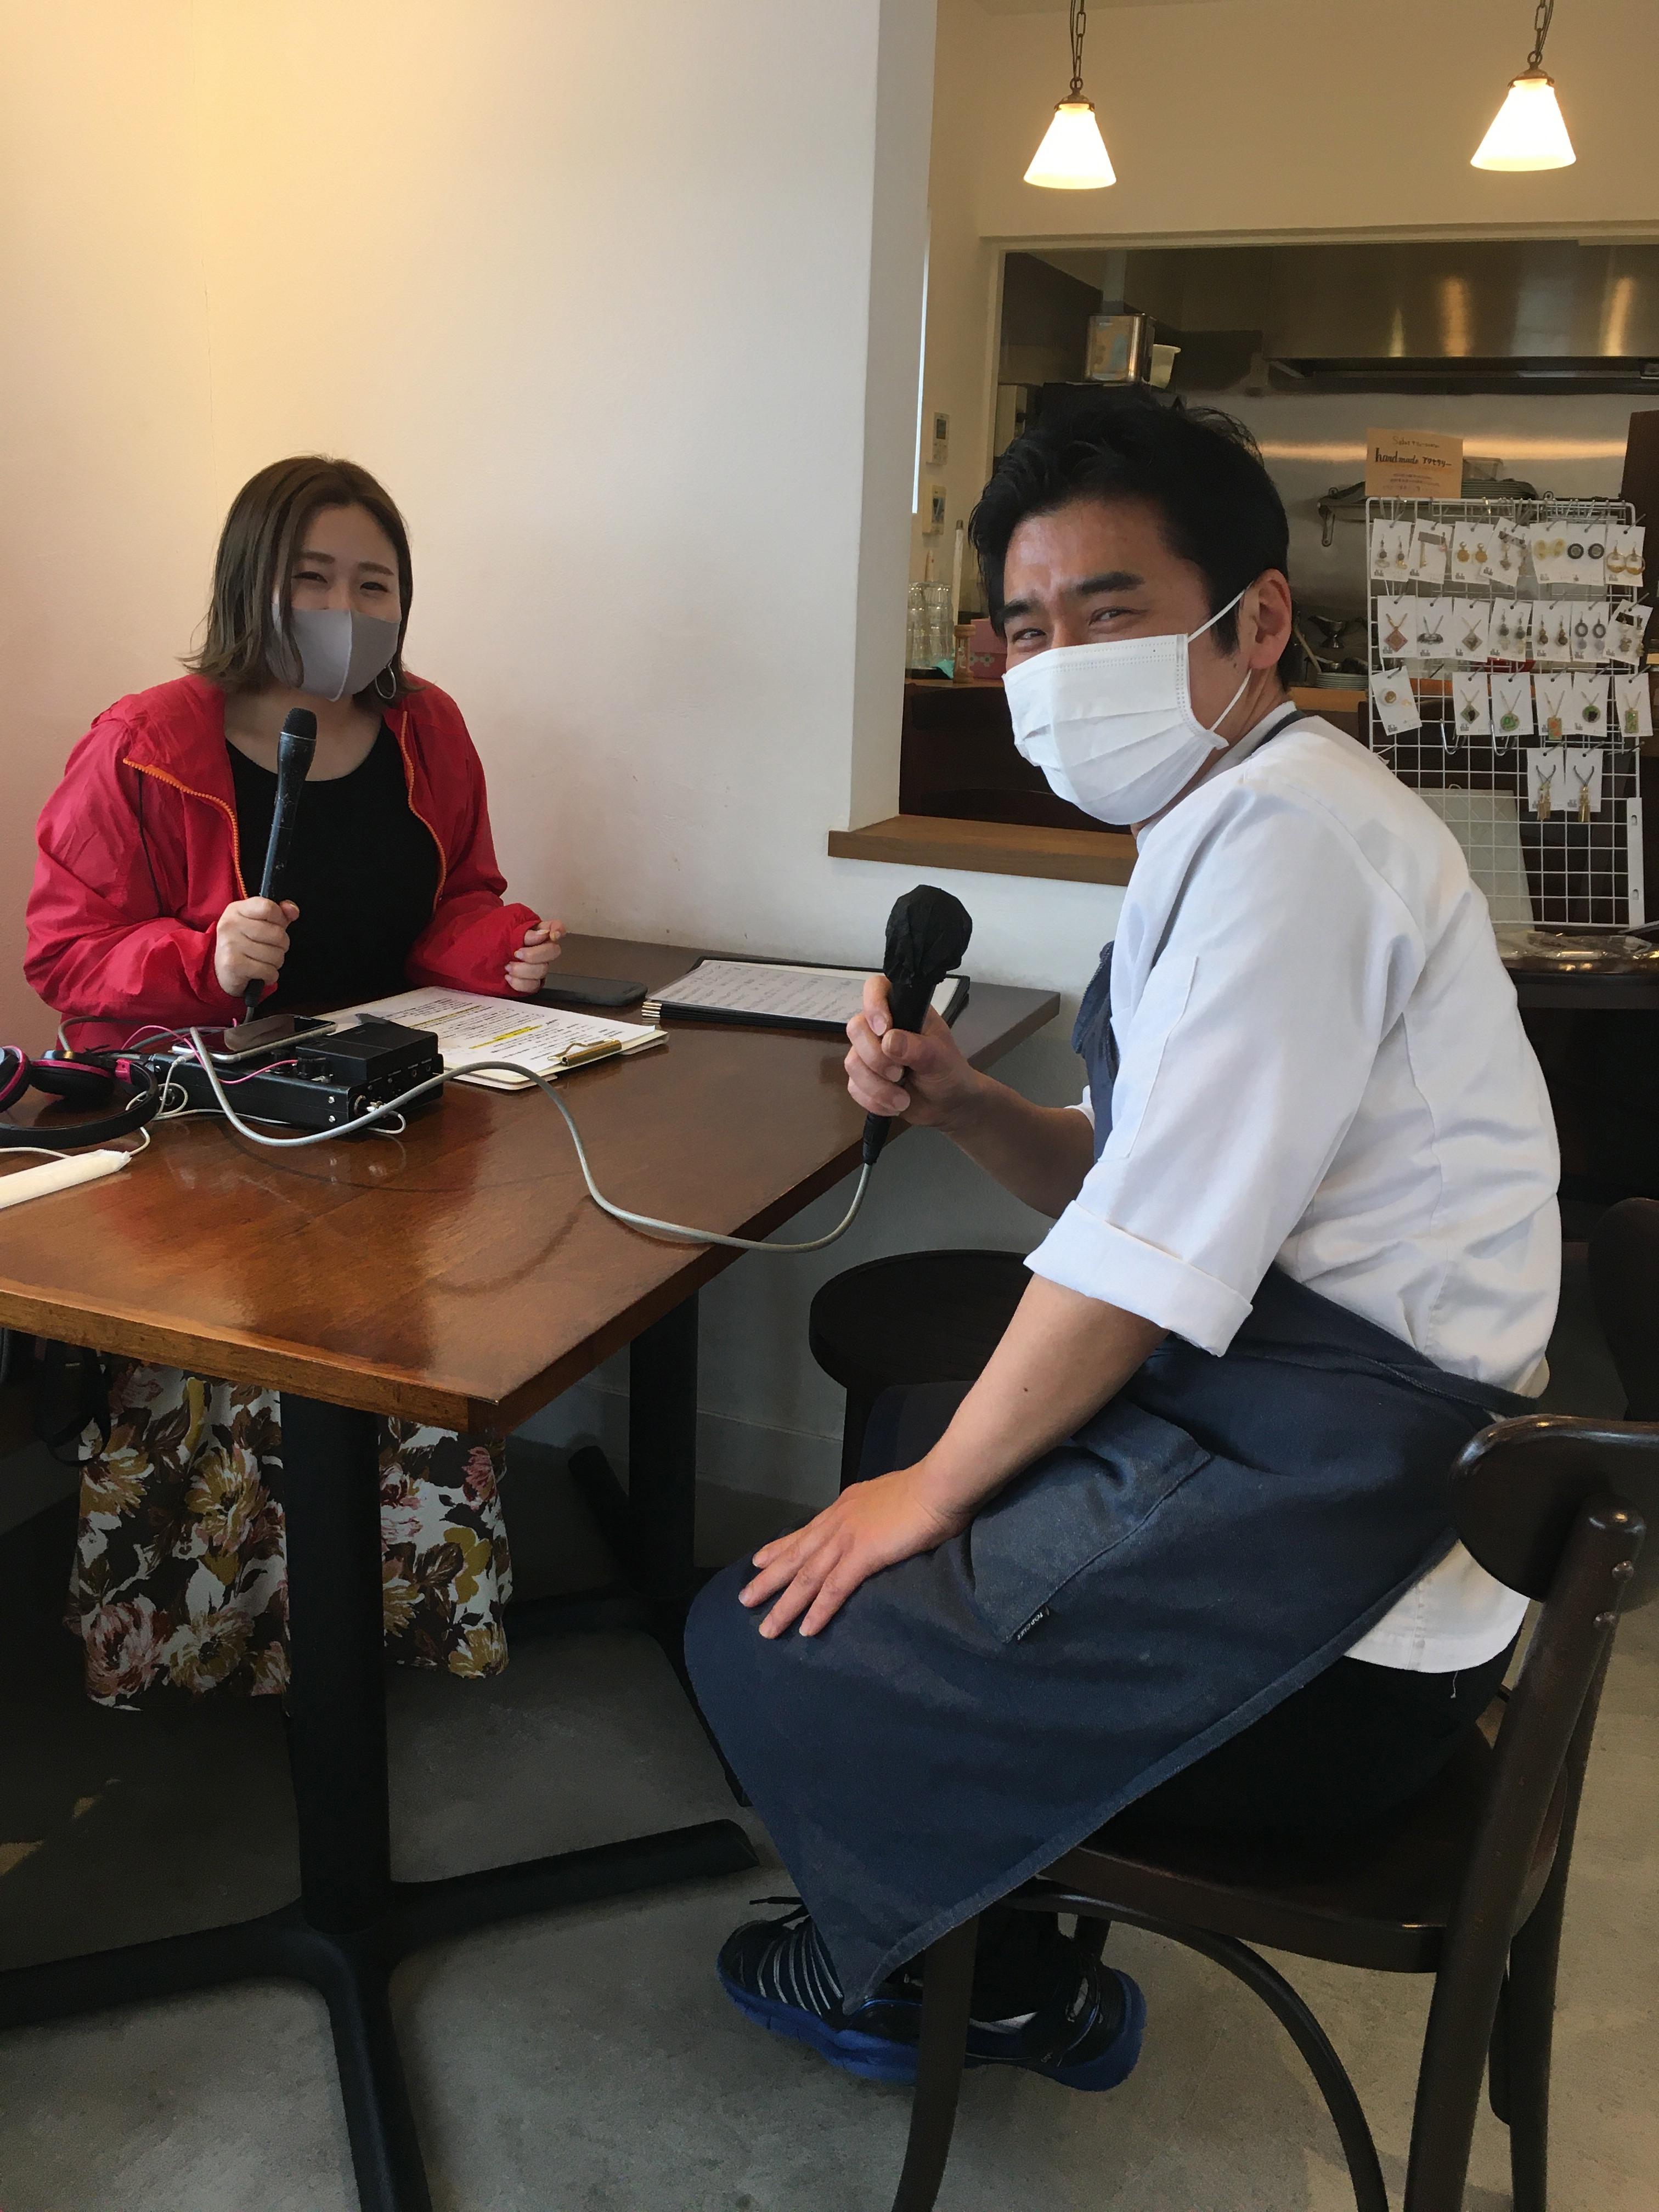 Pitch FM(ピッチエフエム)さん Pitch HAPPY 市場(ピッチ・ハッピー・マーケット)に生出演!